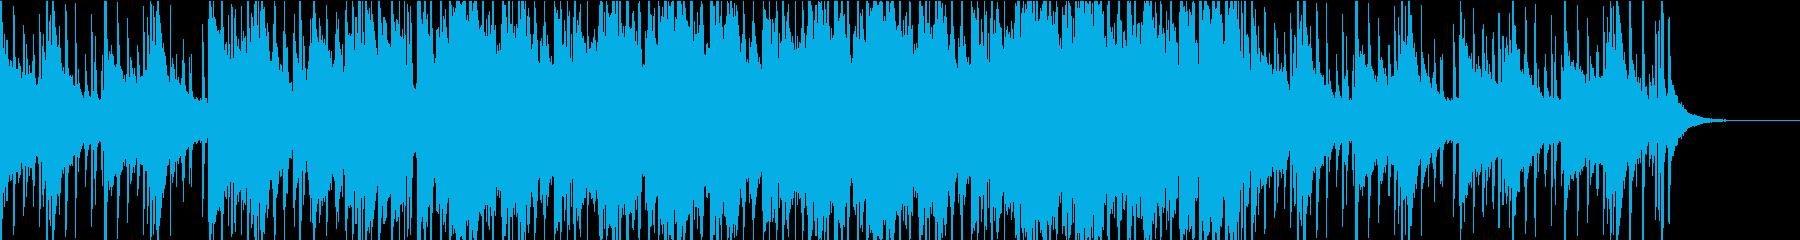 感動的なチルビートの再生済みの波形